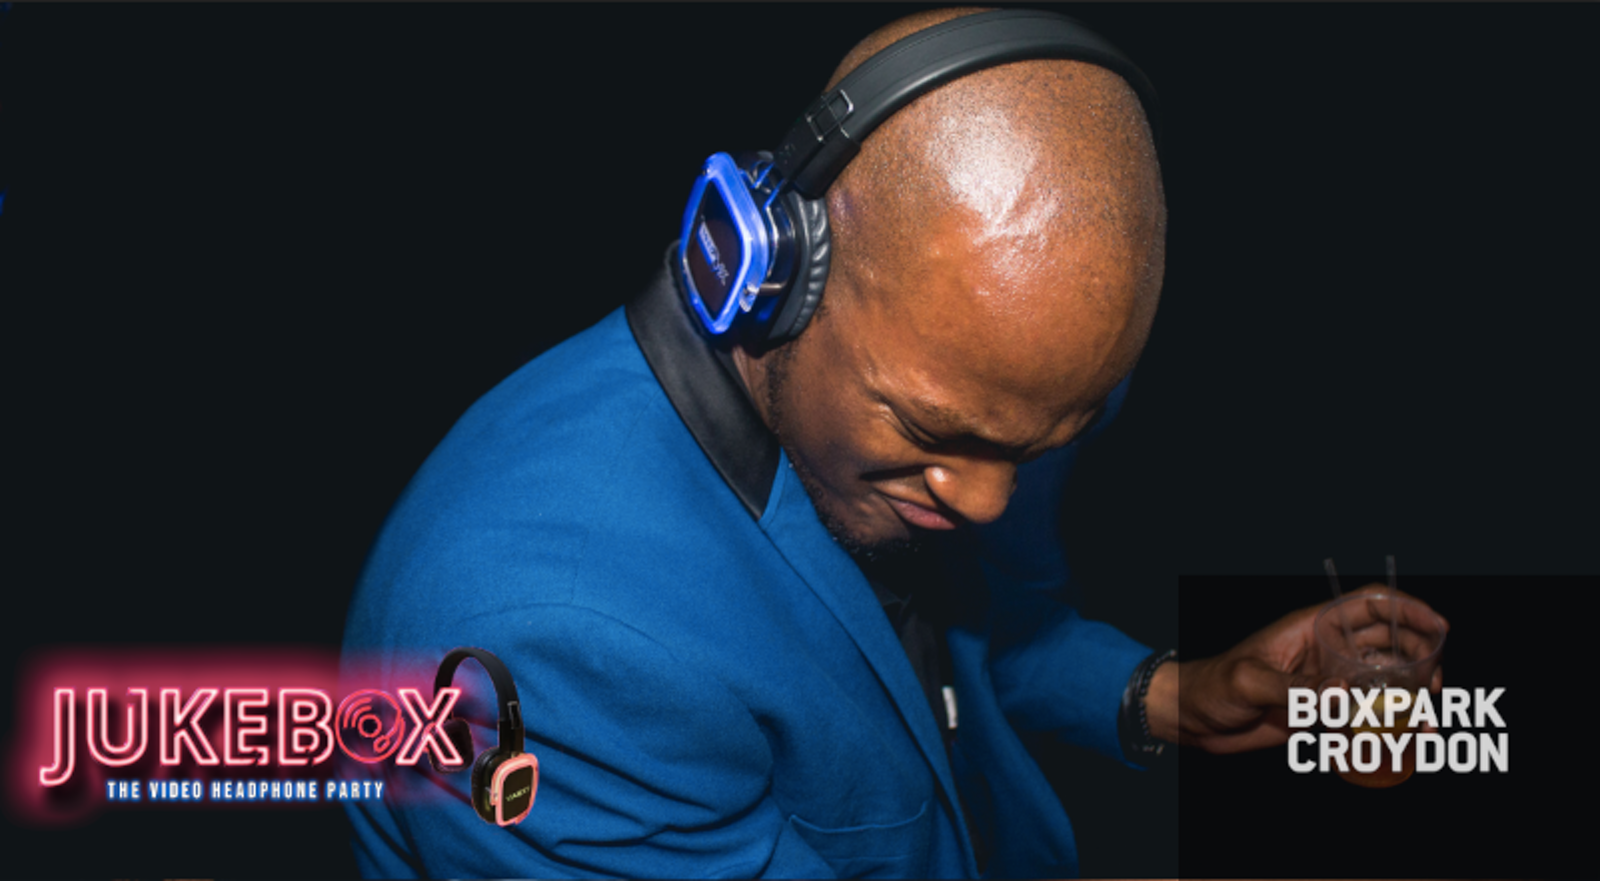 Jukebox – Headphone party @Boxpark Croydon